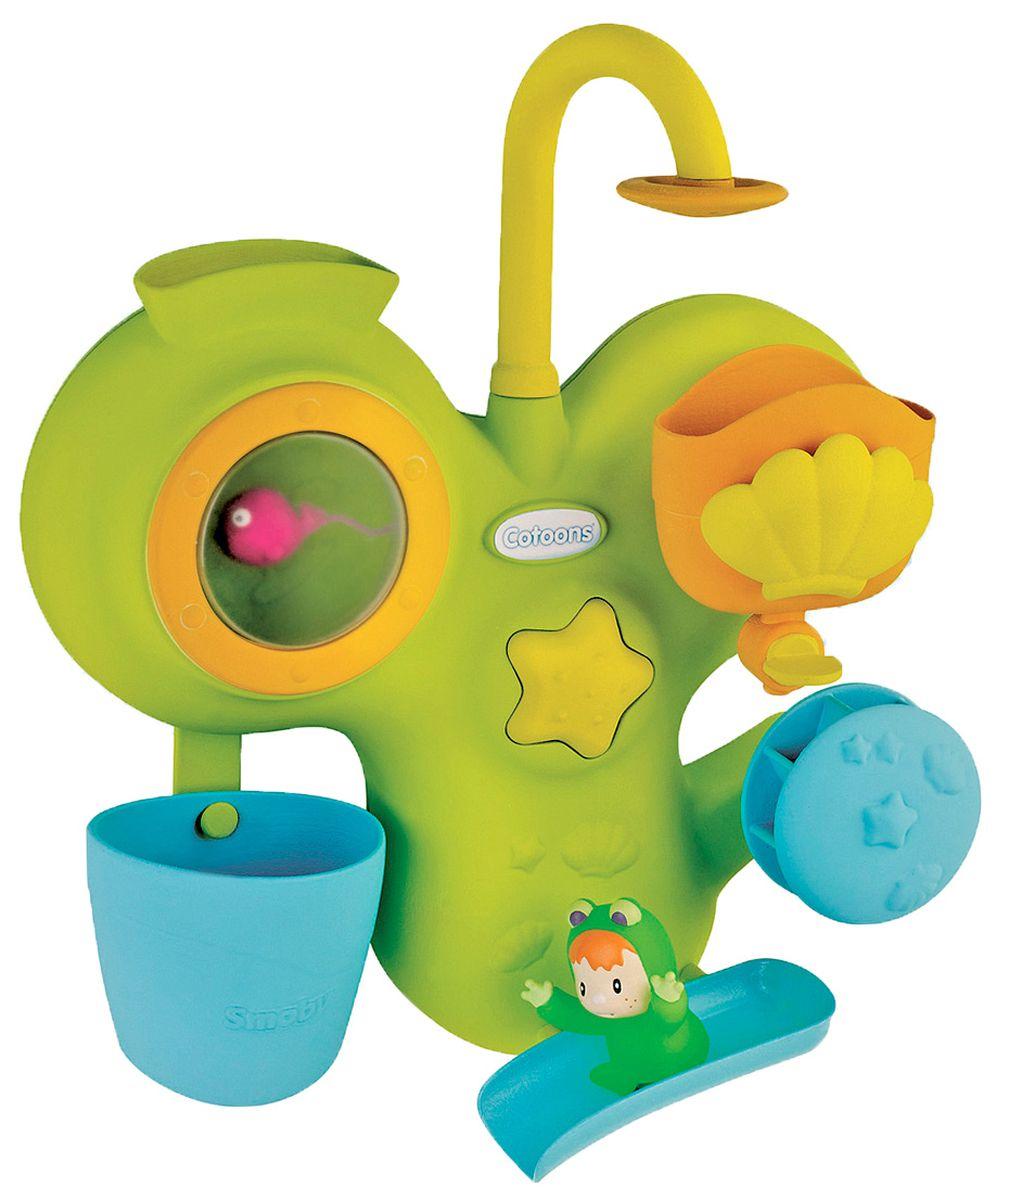 Smoby Игрушка для ванной Cotoons211421Игровой центр для ванны поможет сделать купание веселым и интересным. Центр крепится при помощи 2-х присосок. Наполните аквариум, и рыбка поднимется вверх, когда вода стечет, рыбка снова опустится. Наполните ракушку водой, и из нее появится Вабаб. Откройте кран под ракушкой и вода приведет в движение водяное колесо и поможет скатиться с горки маленькому лягушенку. В комплекте игровой центр, фигурка рыбки, фигурка человека.